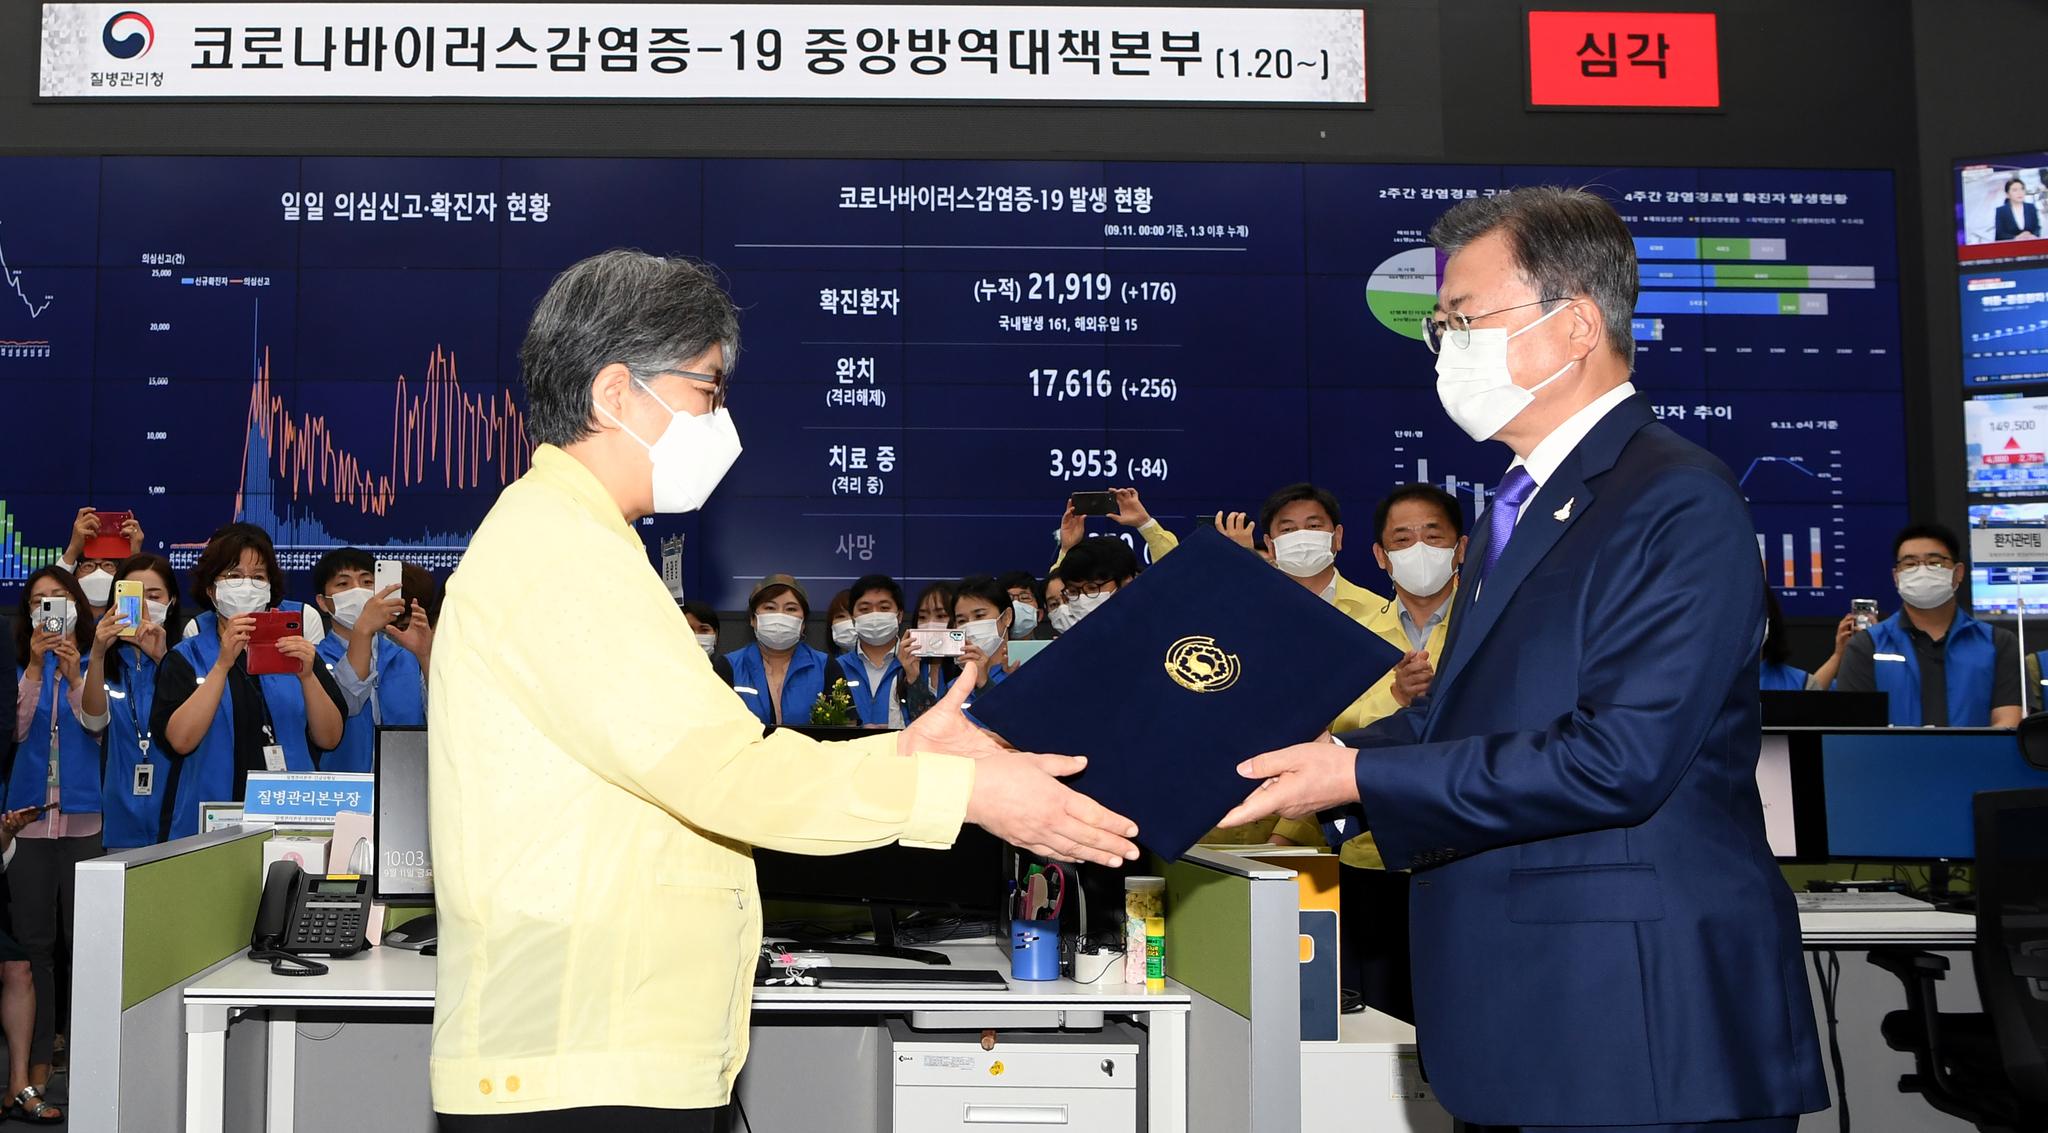 문재인 대통령이 지난해 9월 충북 청주 질병관리본부 긴급상황센터에서 정은경 초대 질병관리청장에게 임명장을 수여하고 있다. 청와대사진기자단